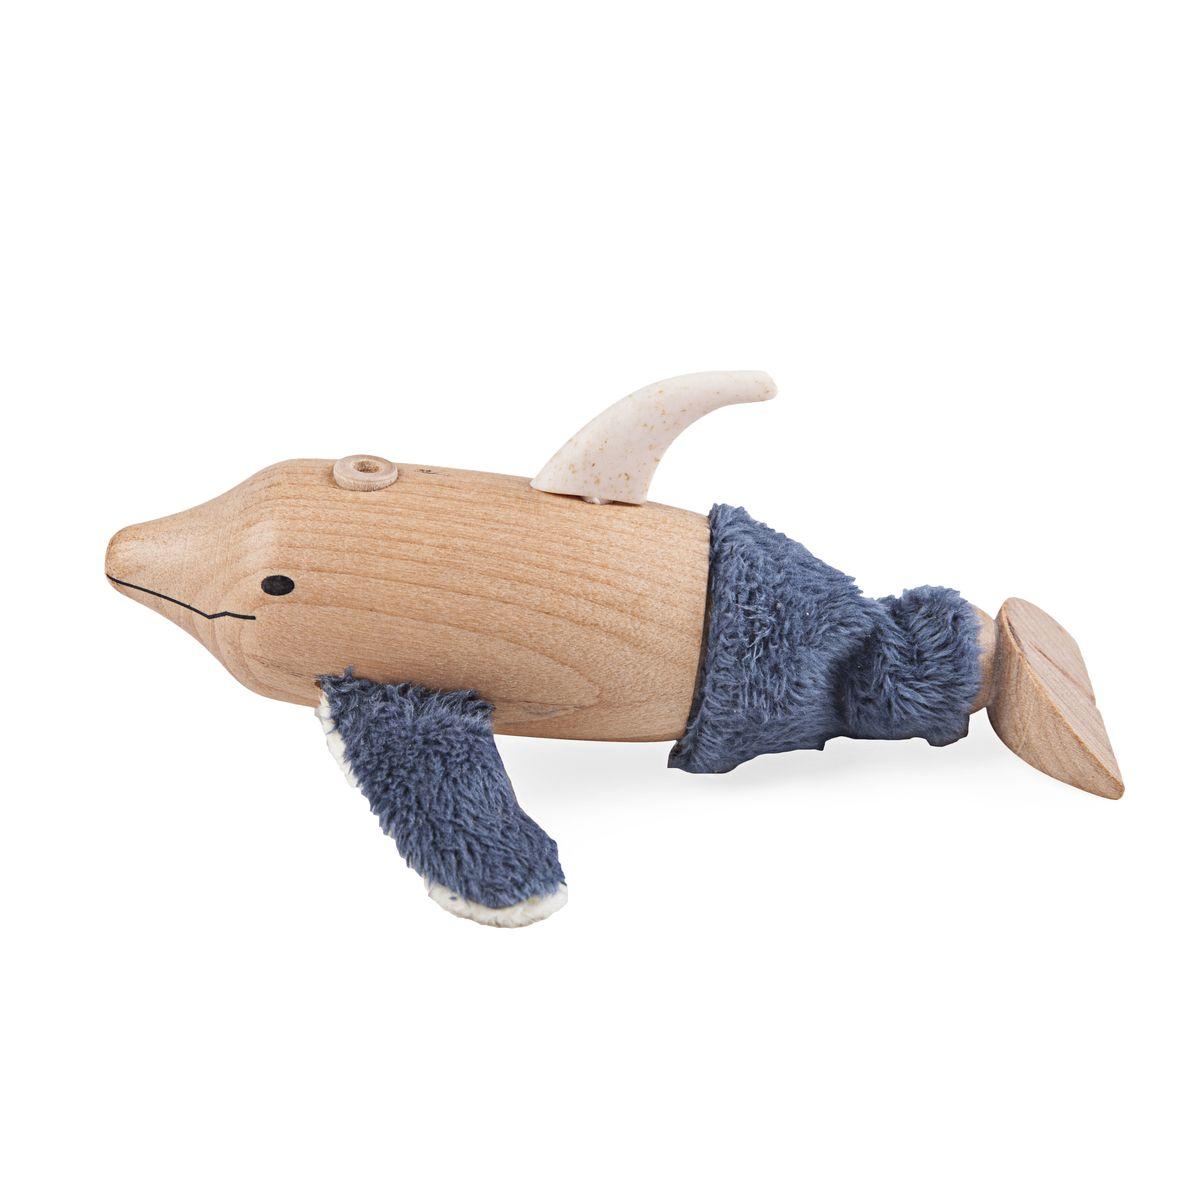 AnaMalz Фигурка деревянная ДельфинDL2010Забавный Дельфин от Anamalz обязательно понравится вашему ребенку. У него мягкие плавники, дырочка на спине под фонтан и милая улыбка. Хвостик свободно гнется в любую сторону. Игрушка изготовлена из экологичных материалов: дерева, натуральных тканей и веревки. Фигурка раскрашена вручную безопасными для детей красками. Anamalz - это качественные экологичные игрушки родом из Австралии. В 2007 году дизайнер Луиза Козон-Скотт вместе с мужем решили встряхнуть индустрию деревянных игрушек и сделать их более уютными и пластичными. Эти качества и отличают фигурки Anamalz и сегодня. Благодаря гнущимся деталям звери могут оживать, принимая разные позы. Деревянные игрушки дополнены тканевыми элементами, причем ткани используются только натуральные: хлопок, шерсть, шелк. Фигурки производятся из вечнозеленого дерева шима (или игольчатое дерево), выращивается оно на лесных плантациях в Китае.